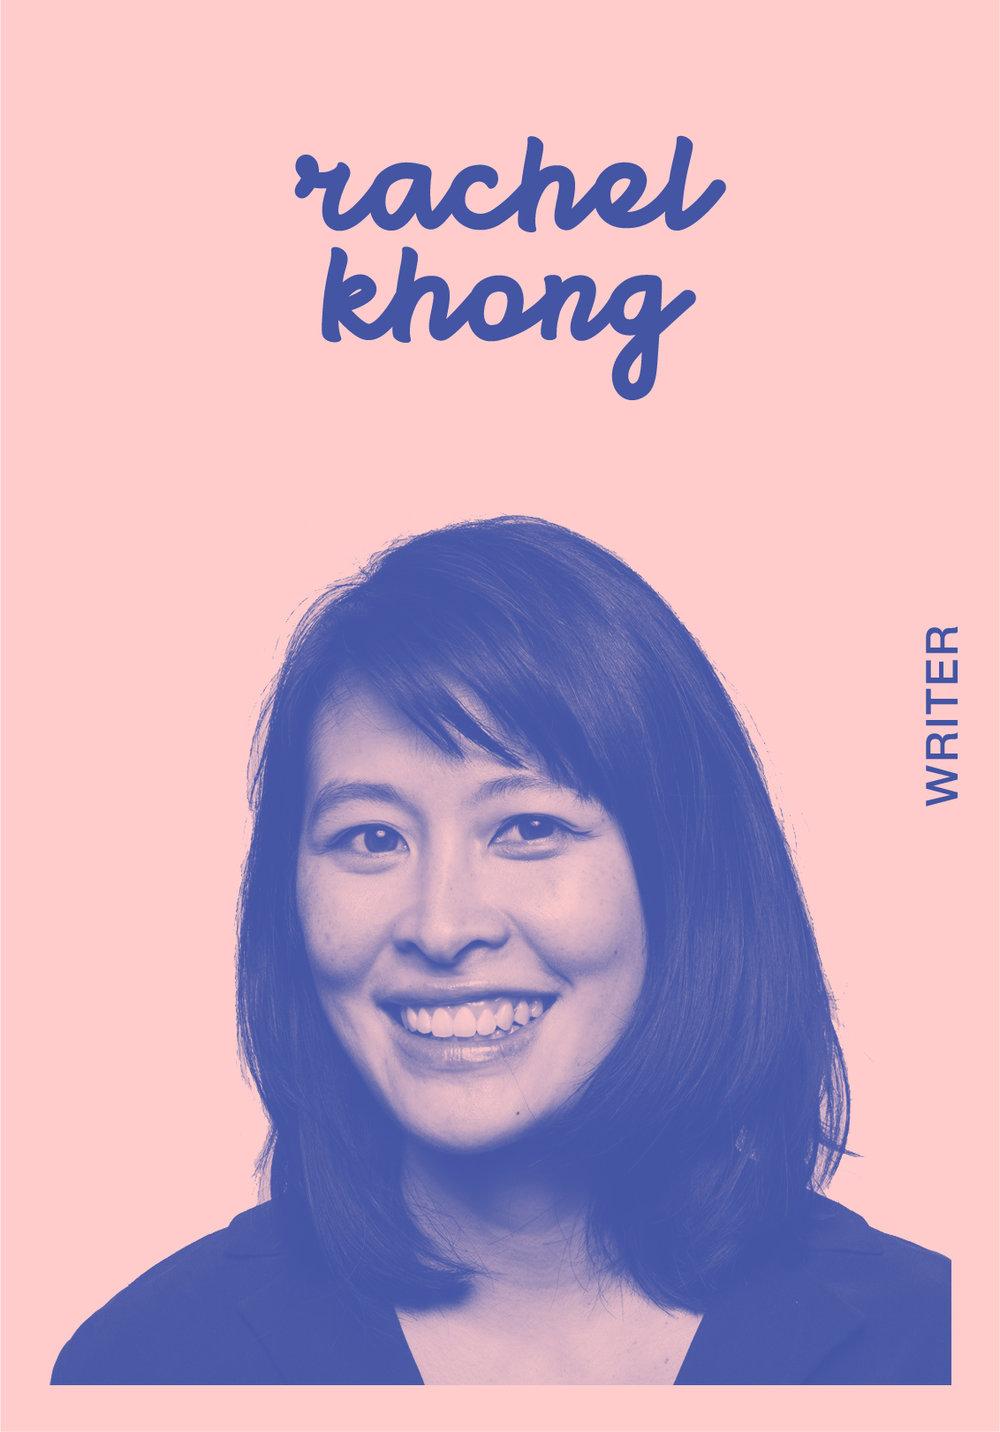 Rachel Khong   WEBSITE   @RACHELKHONG   IG: RRRRRRRACHELKHONG